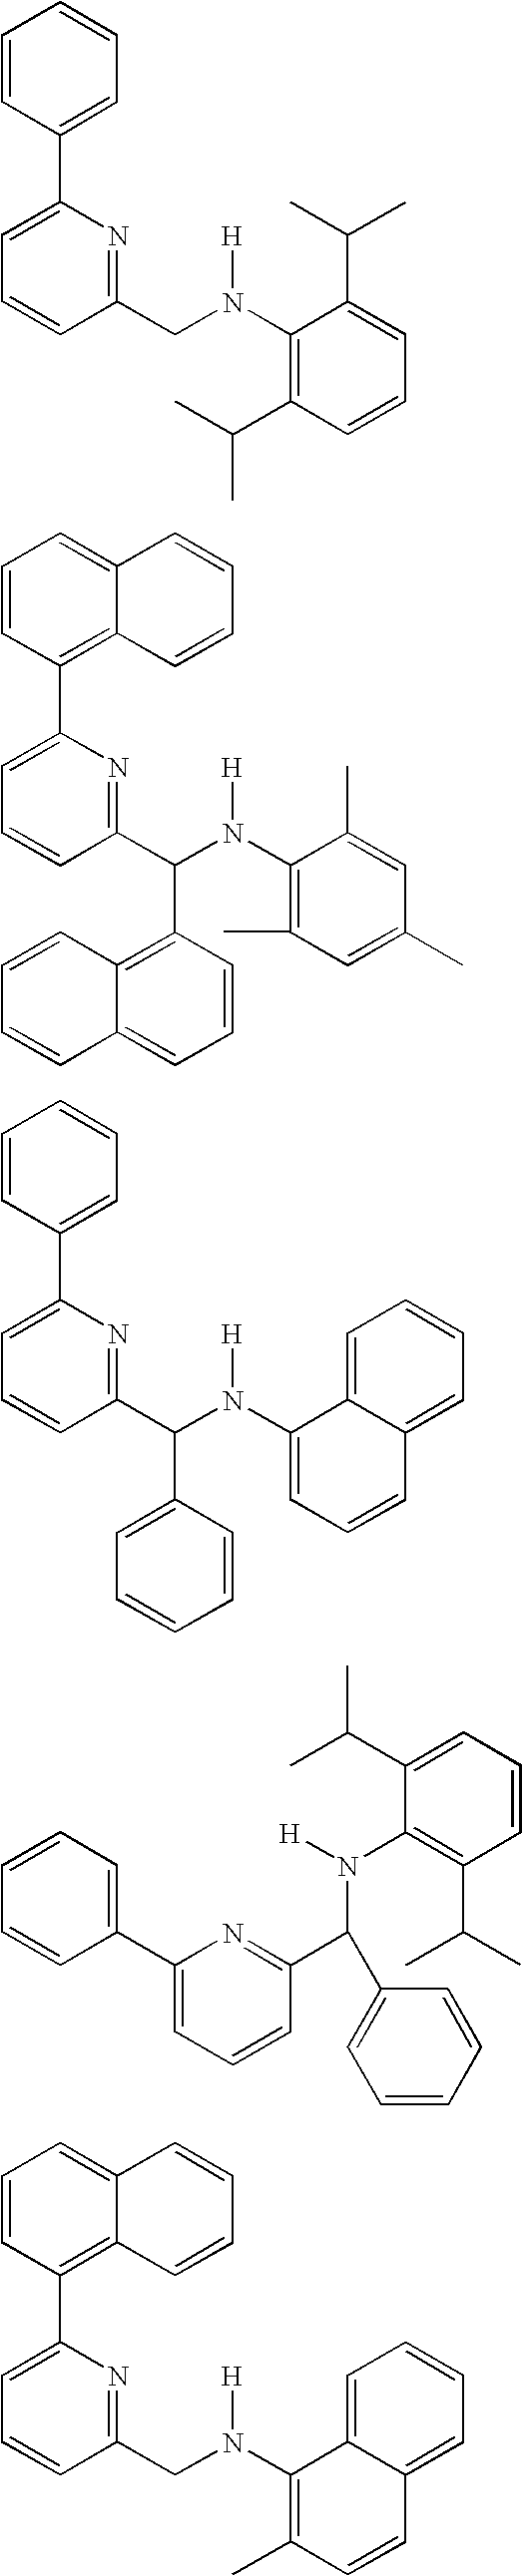 Figure US06900321-20050531-C00029